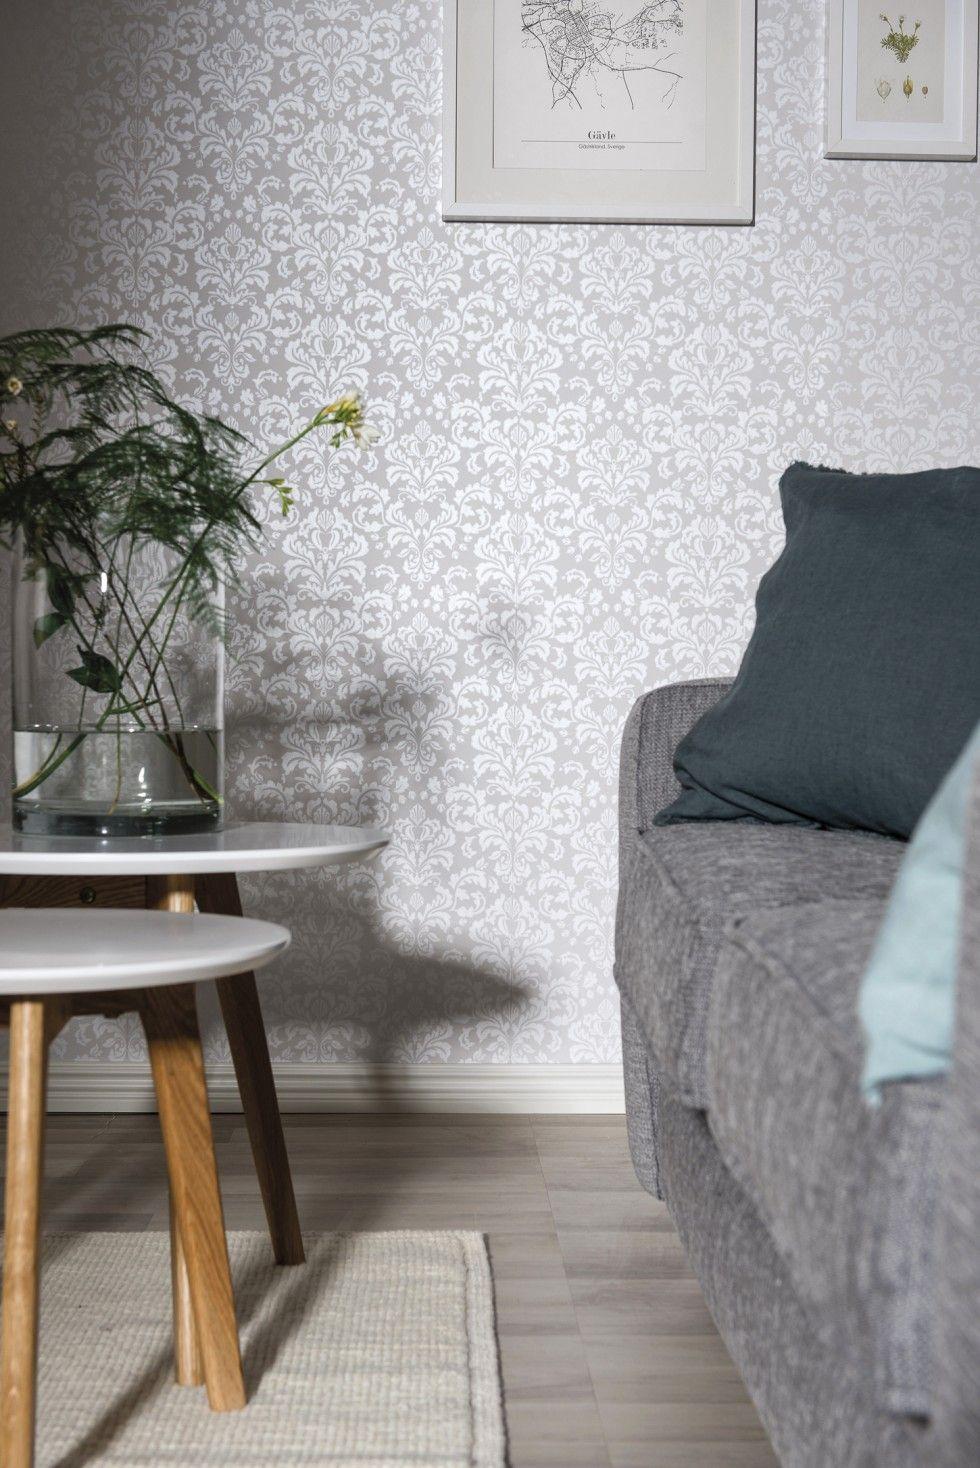 38c799ad Hva synes du om tapet i skandinavisk damask? Skaper en elegant stemning på  stua. Fin metallgrå farge. #bolig #stue #interiør #hjem